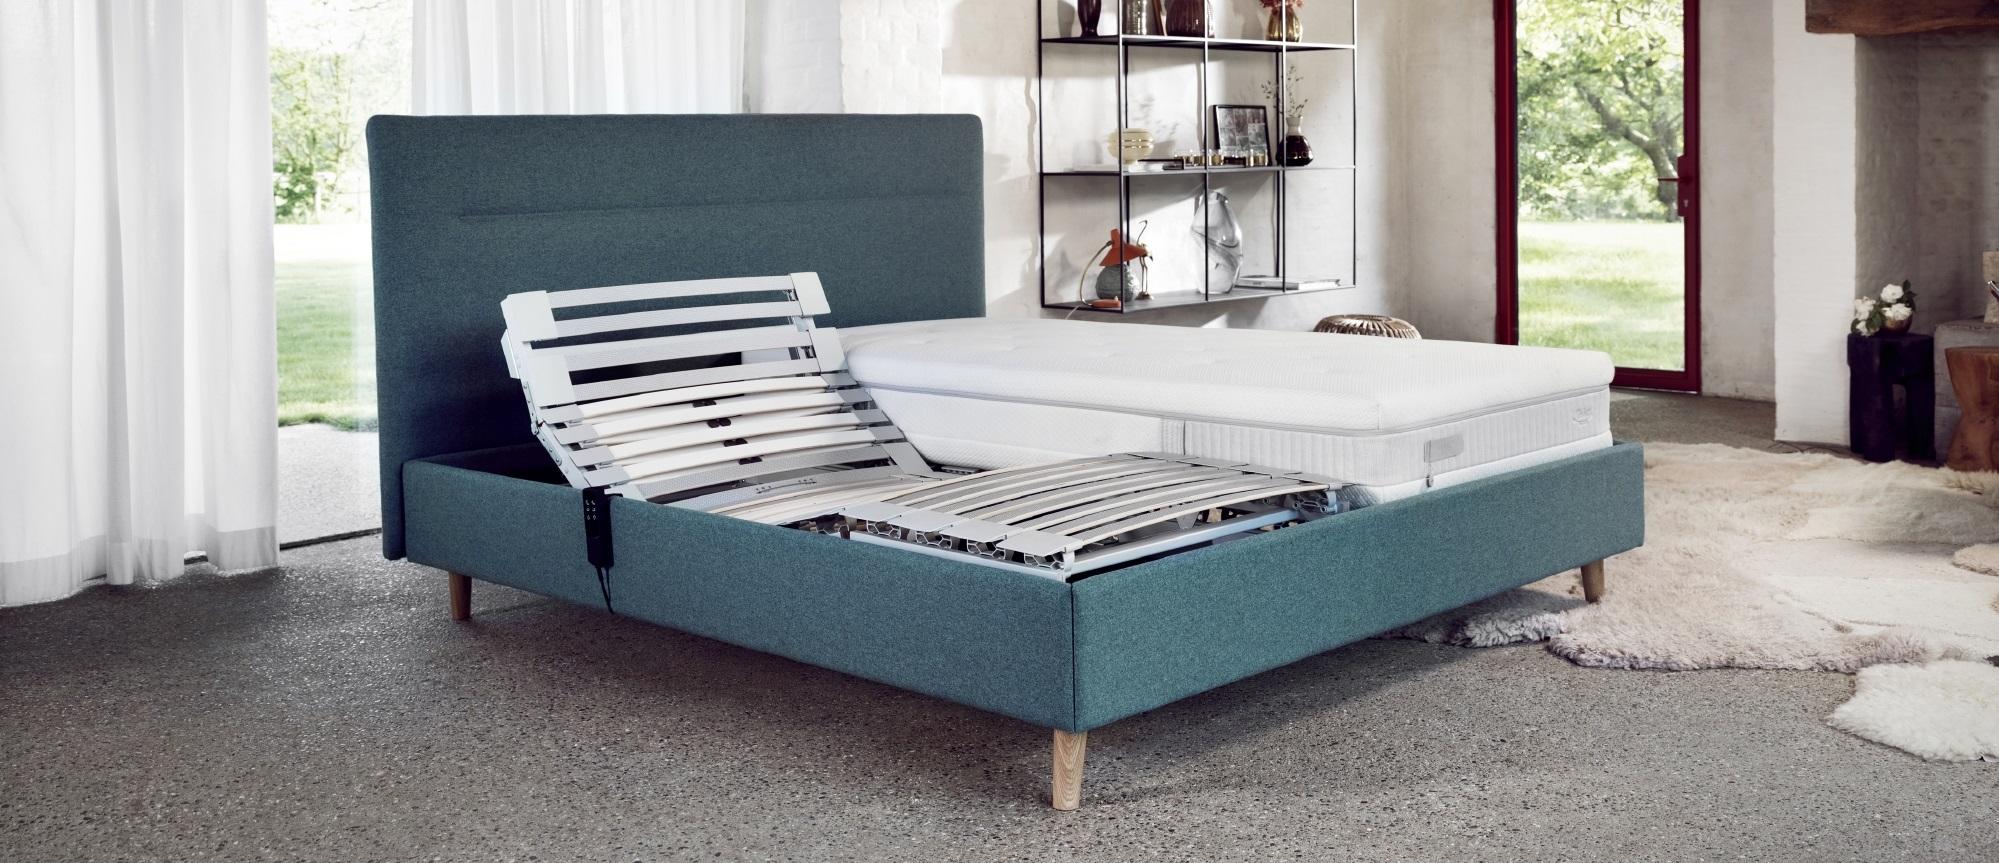 Cadre et tête de lit Lattoflex modèle Riga bleu nature aqua